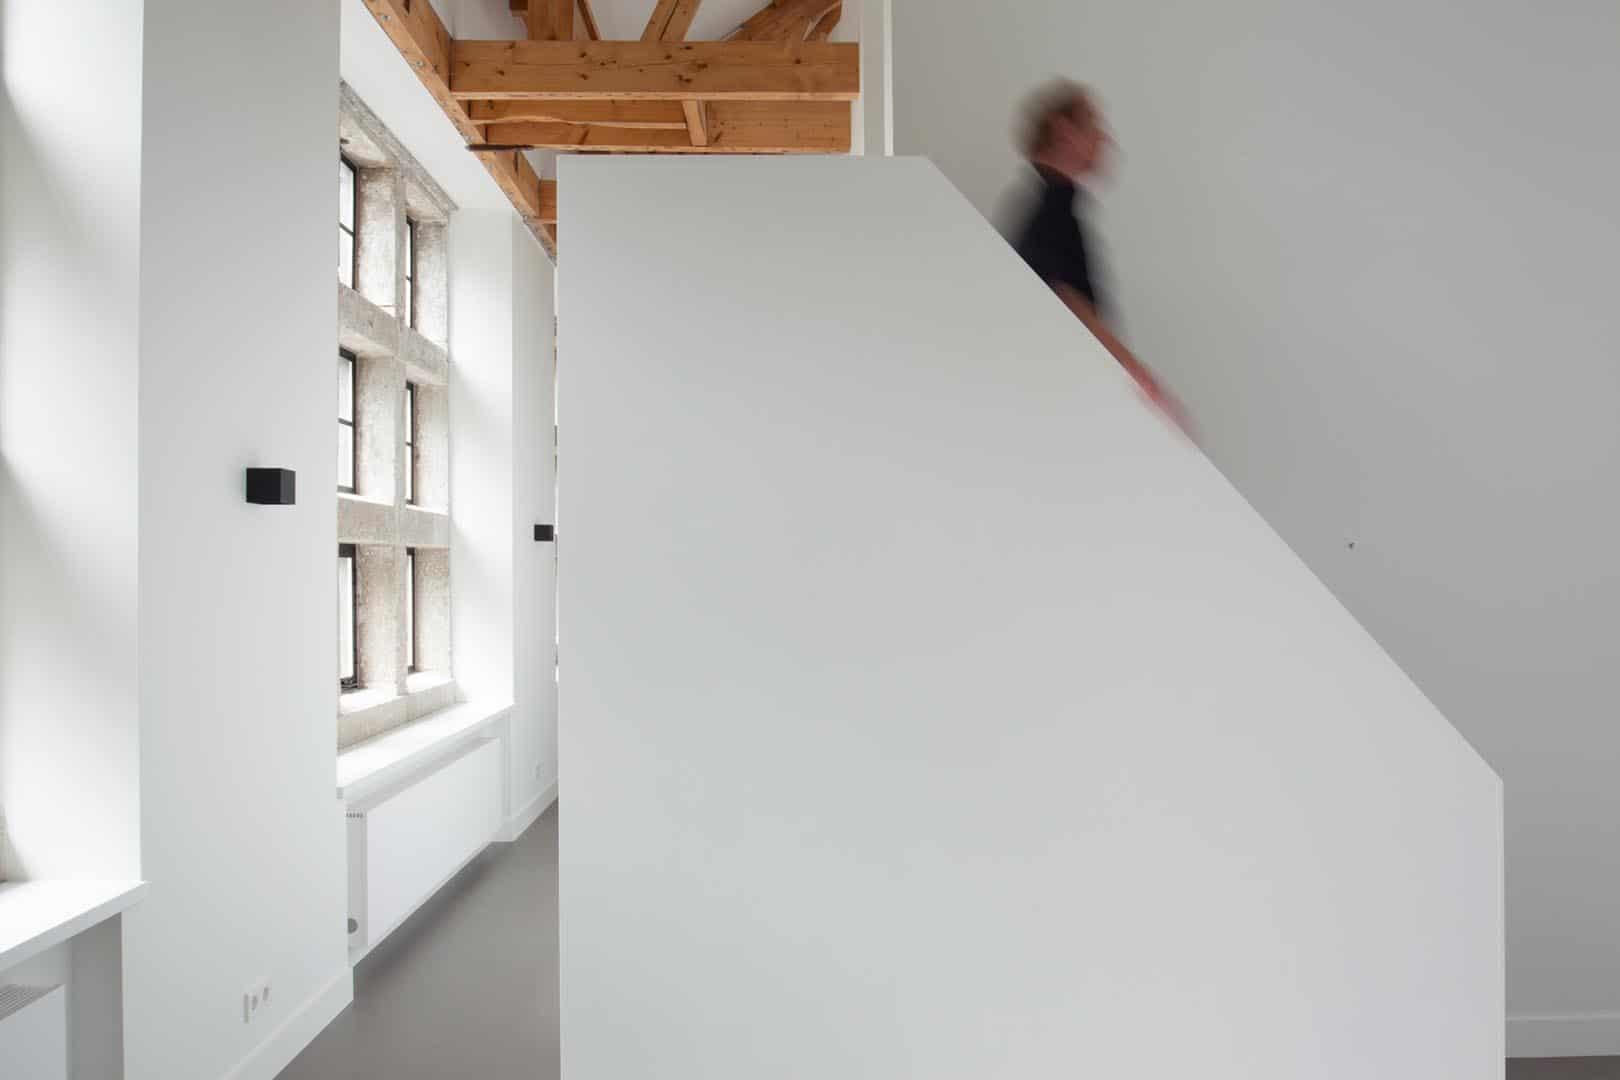 anatomiegebouw-utrecht-transformatie-gemeentelijk-monument-1620×1080-01